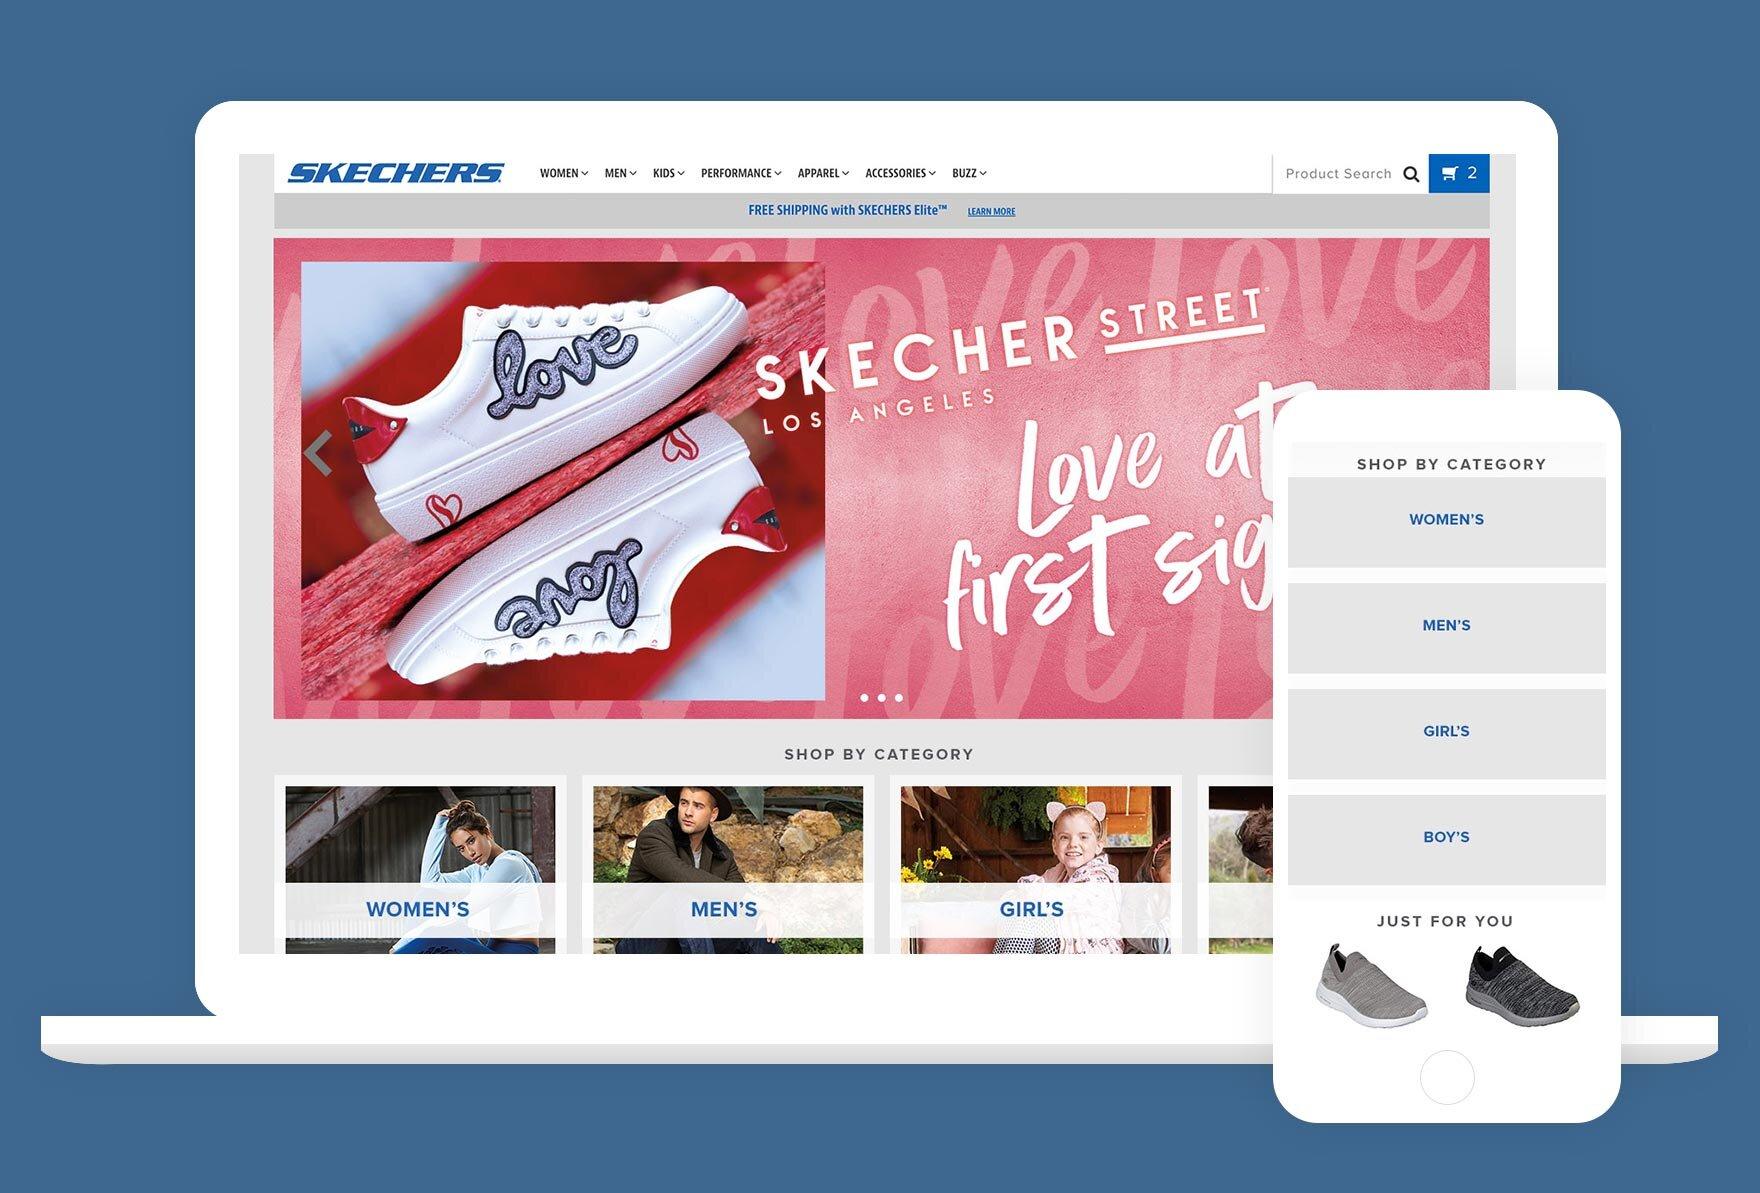 cultura Amigo dirección  Skechers.com — Sonya Lee, Creative Director & UX Designer